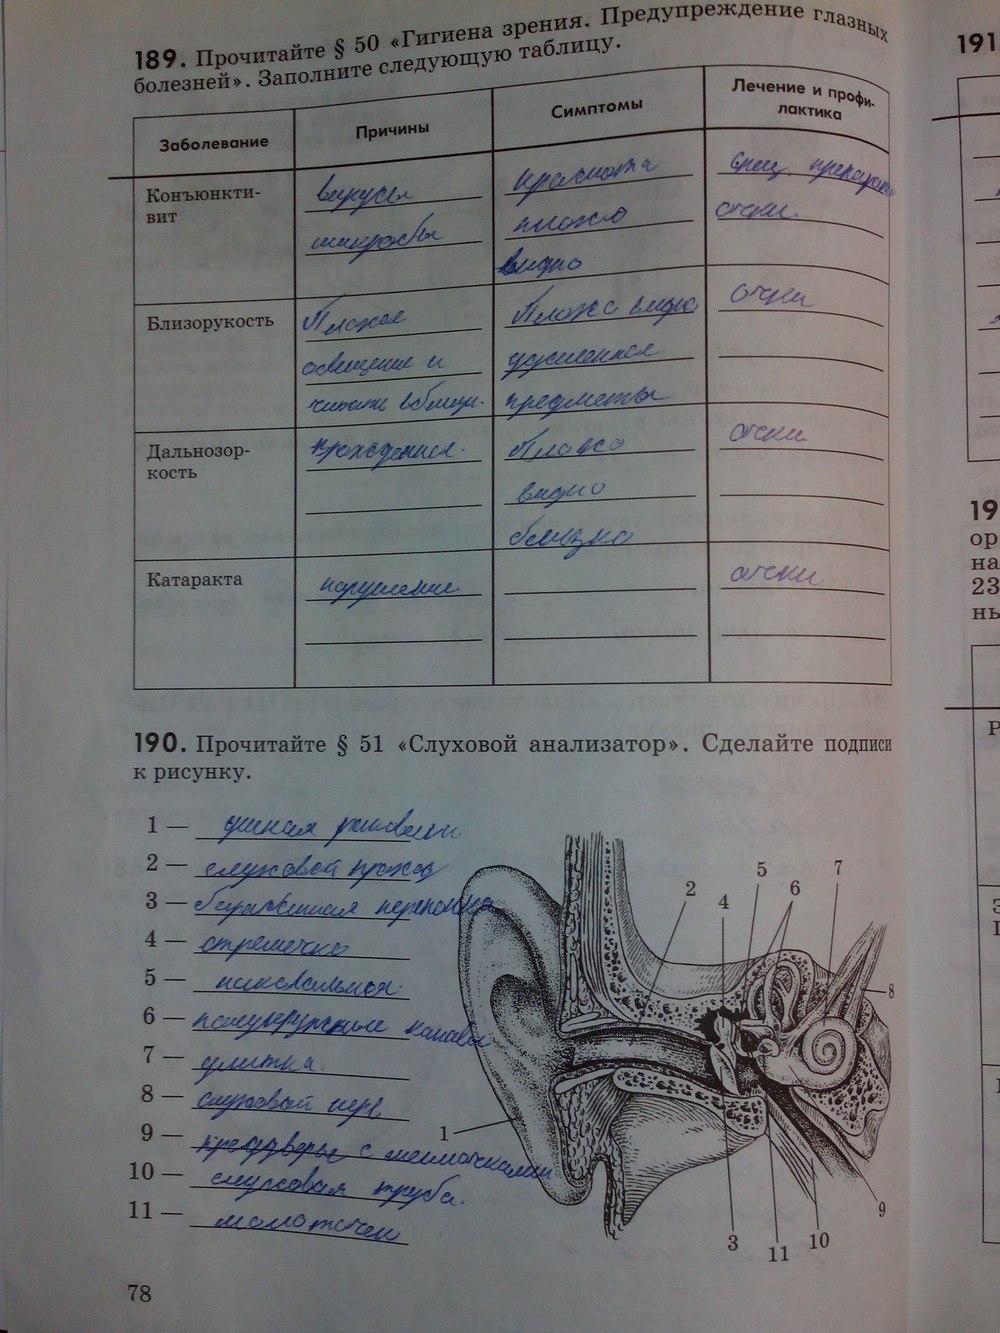 гдз по биологии колесова маша беляева 8 класс